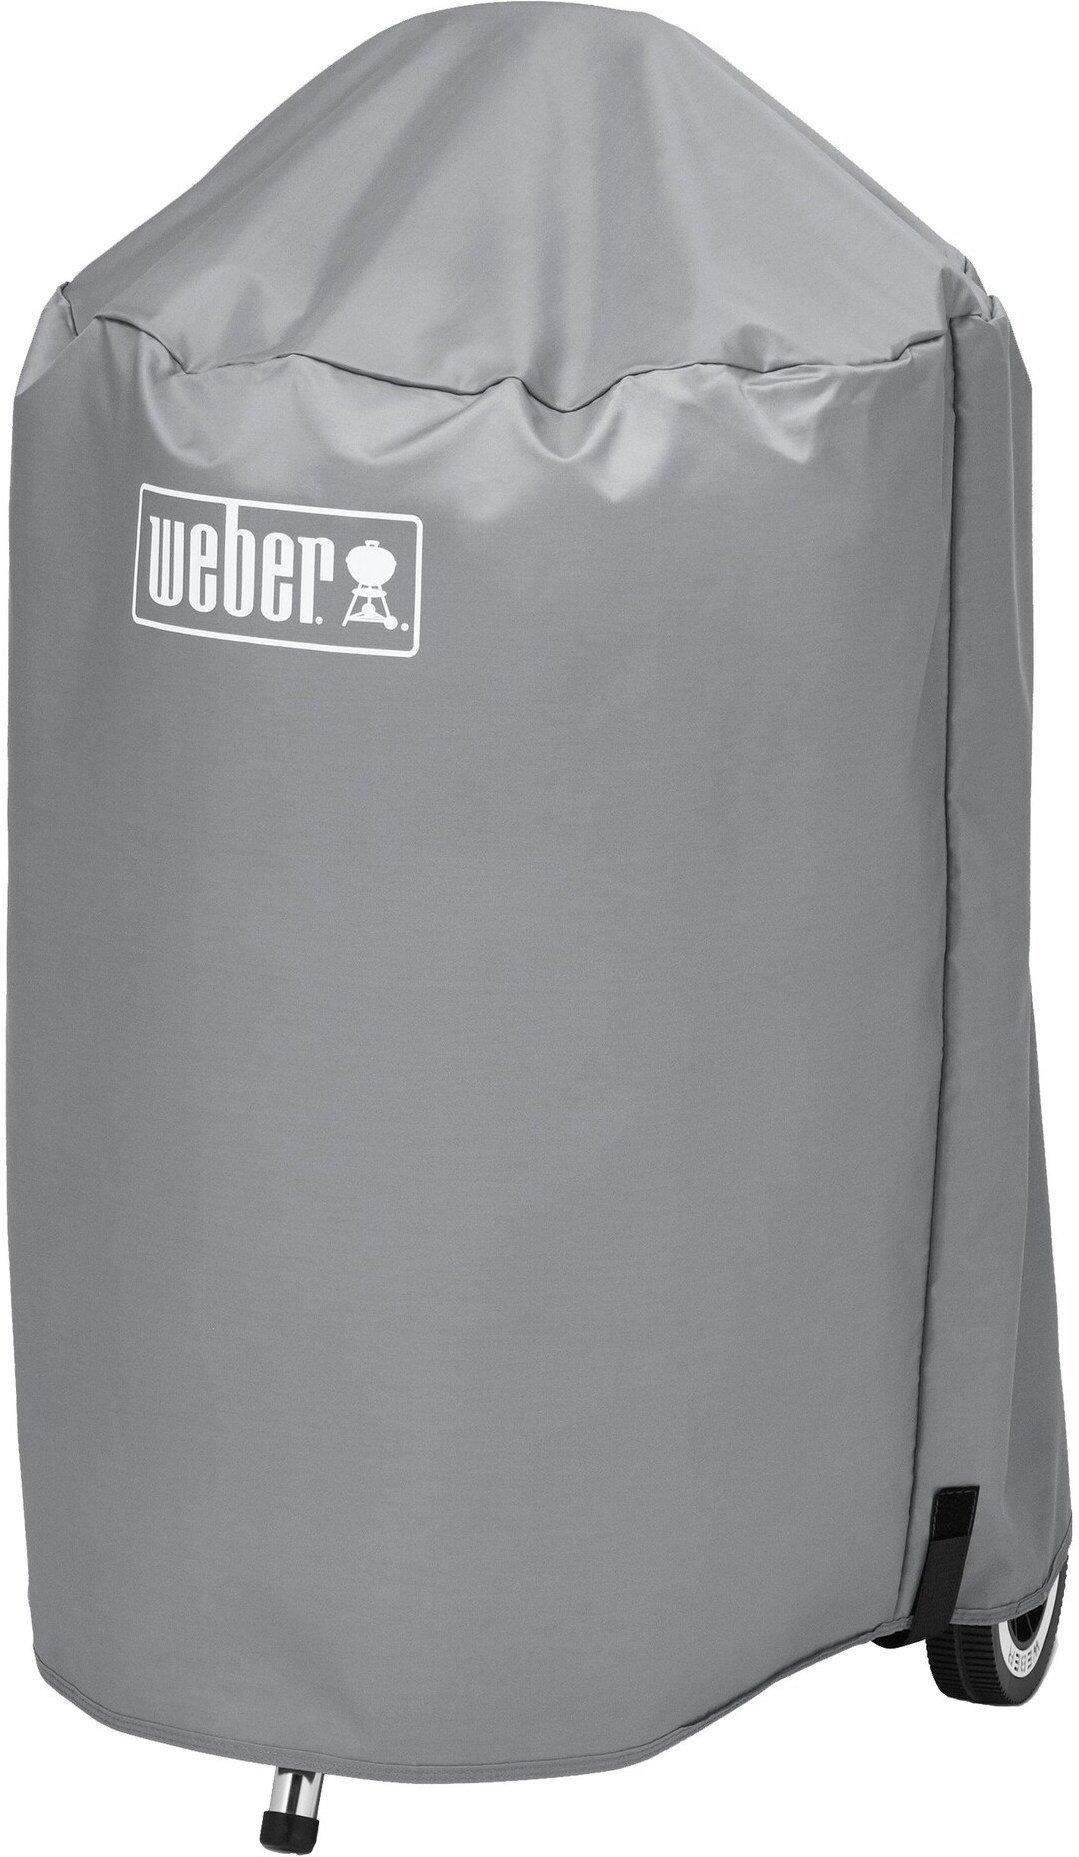 Weber Grilltrekk 47cm (7175)